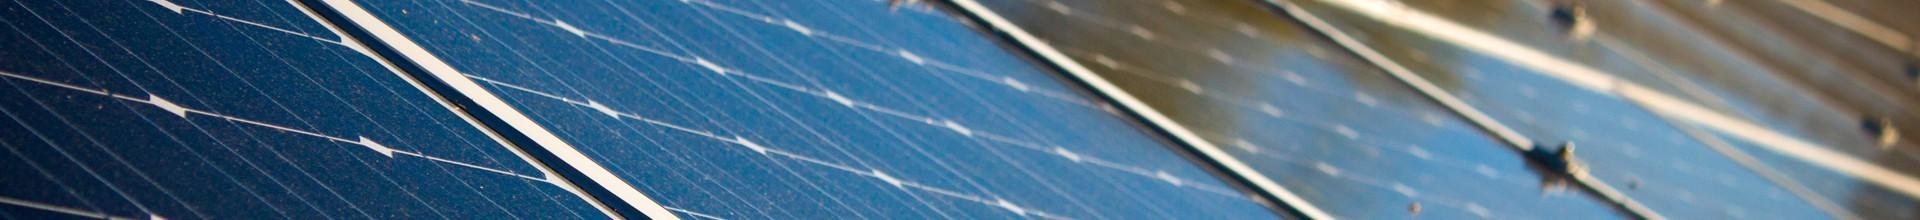 ✅  Innovation en solutions solaires, kit prêt à monter